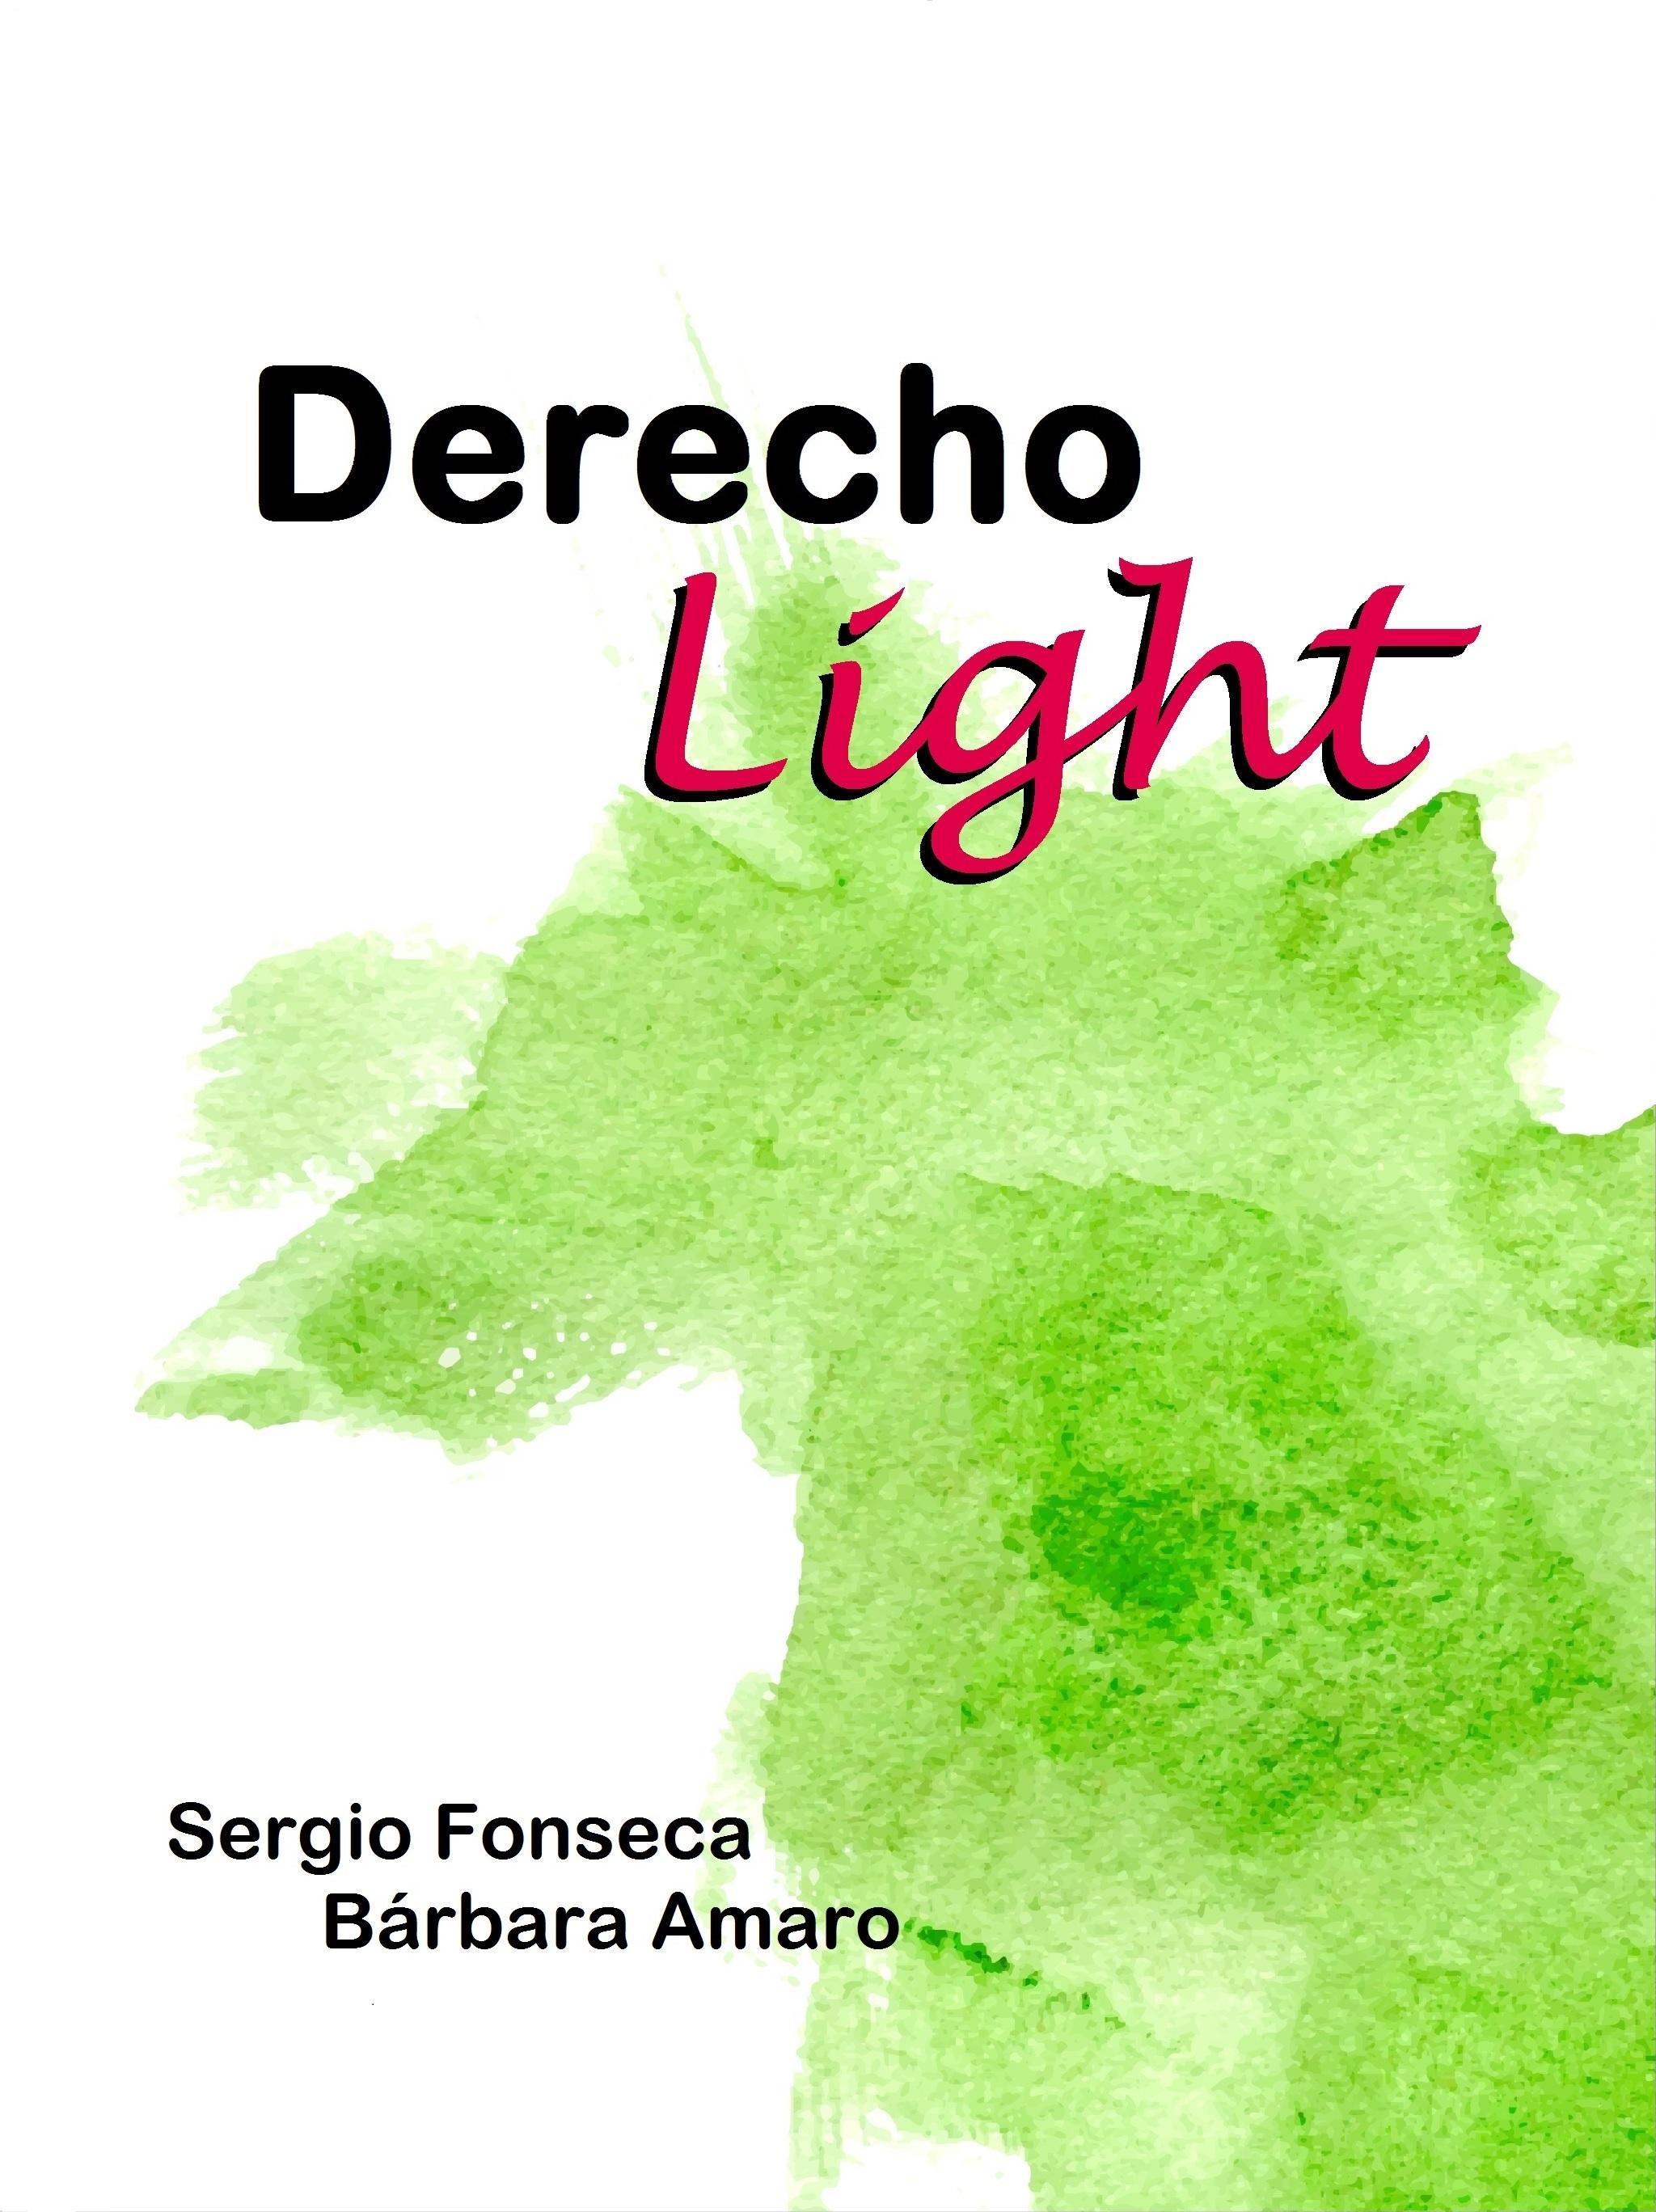 Derecho Light